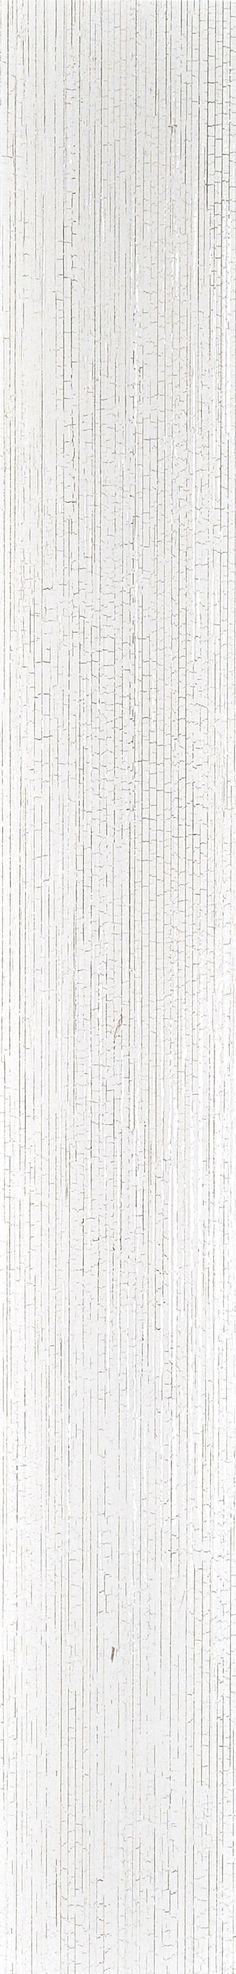 Yaki-Stucco-15x120_Rtisan